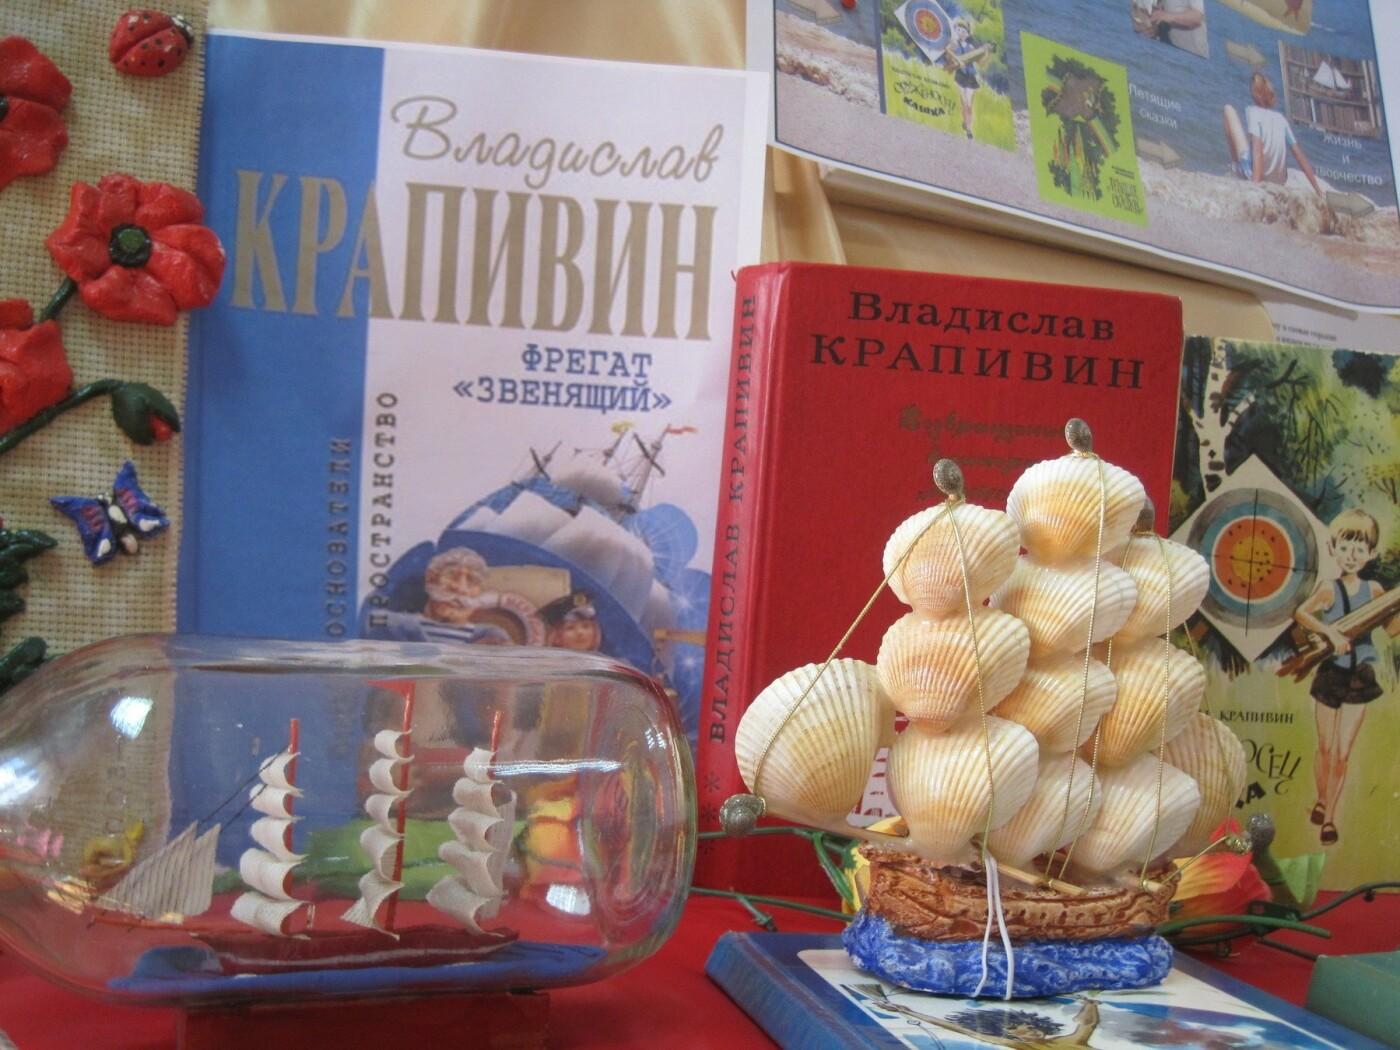 В Ялте состоялся литературный портрет «Владислав Крапивин: жизнь, книги и паруса», фото-2